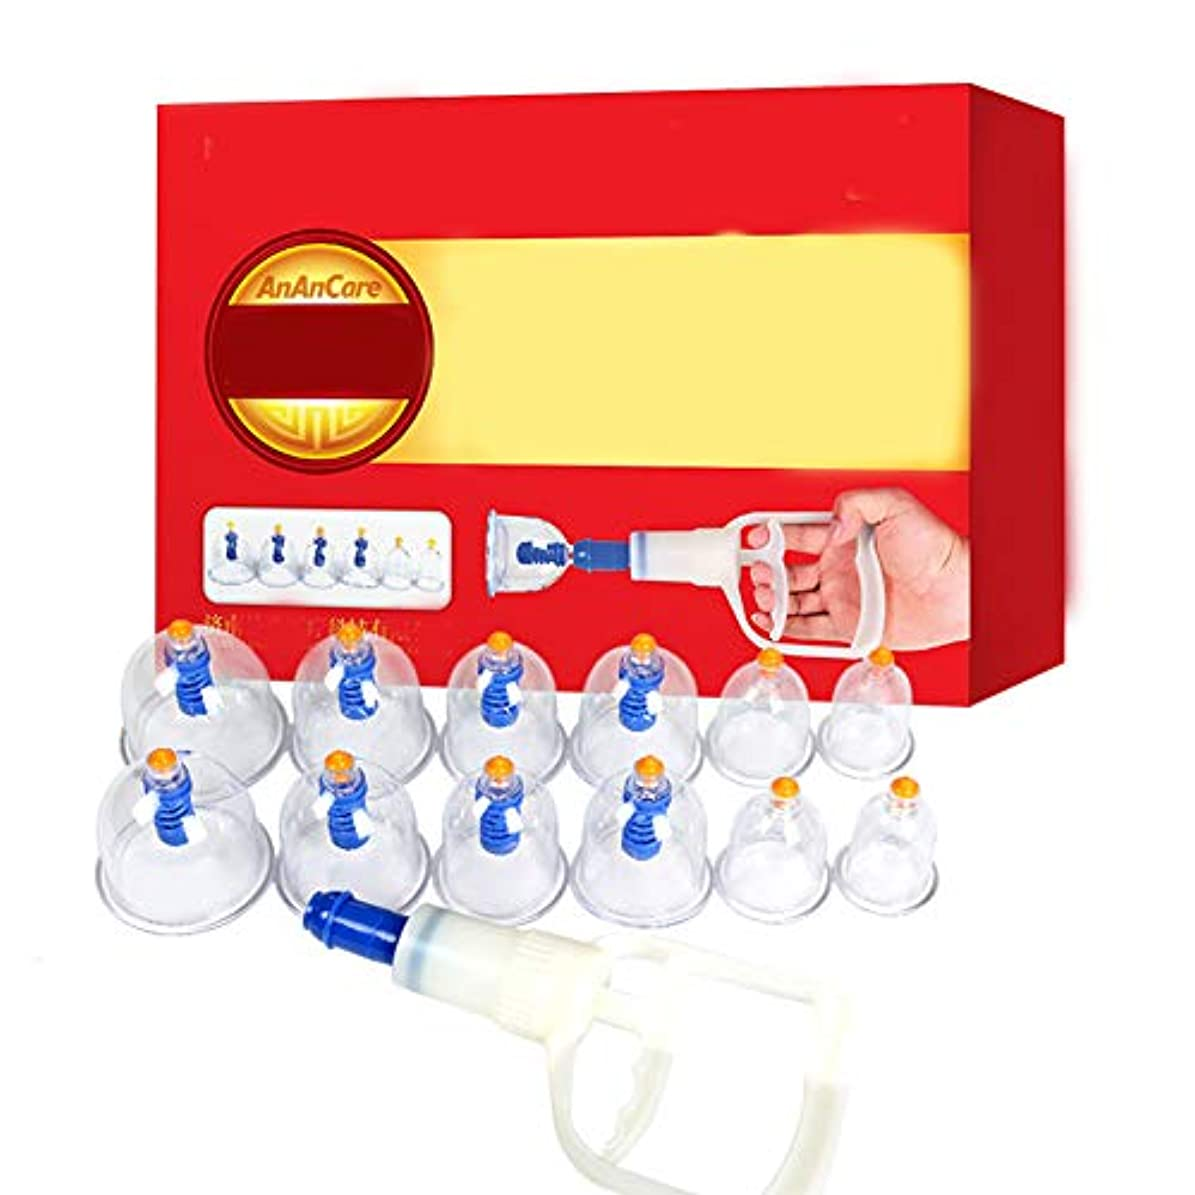 適用済みだますメジャー12カップマッサージカッピングセット、真空吸引磁気ポンププロフェッショナル、ボディマッサージの痛みを軽減する理学療法ポンプガン延長チューブで毒素を排出